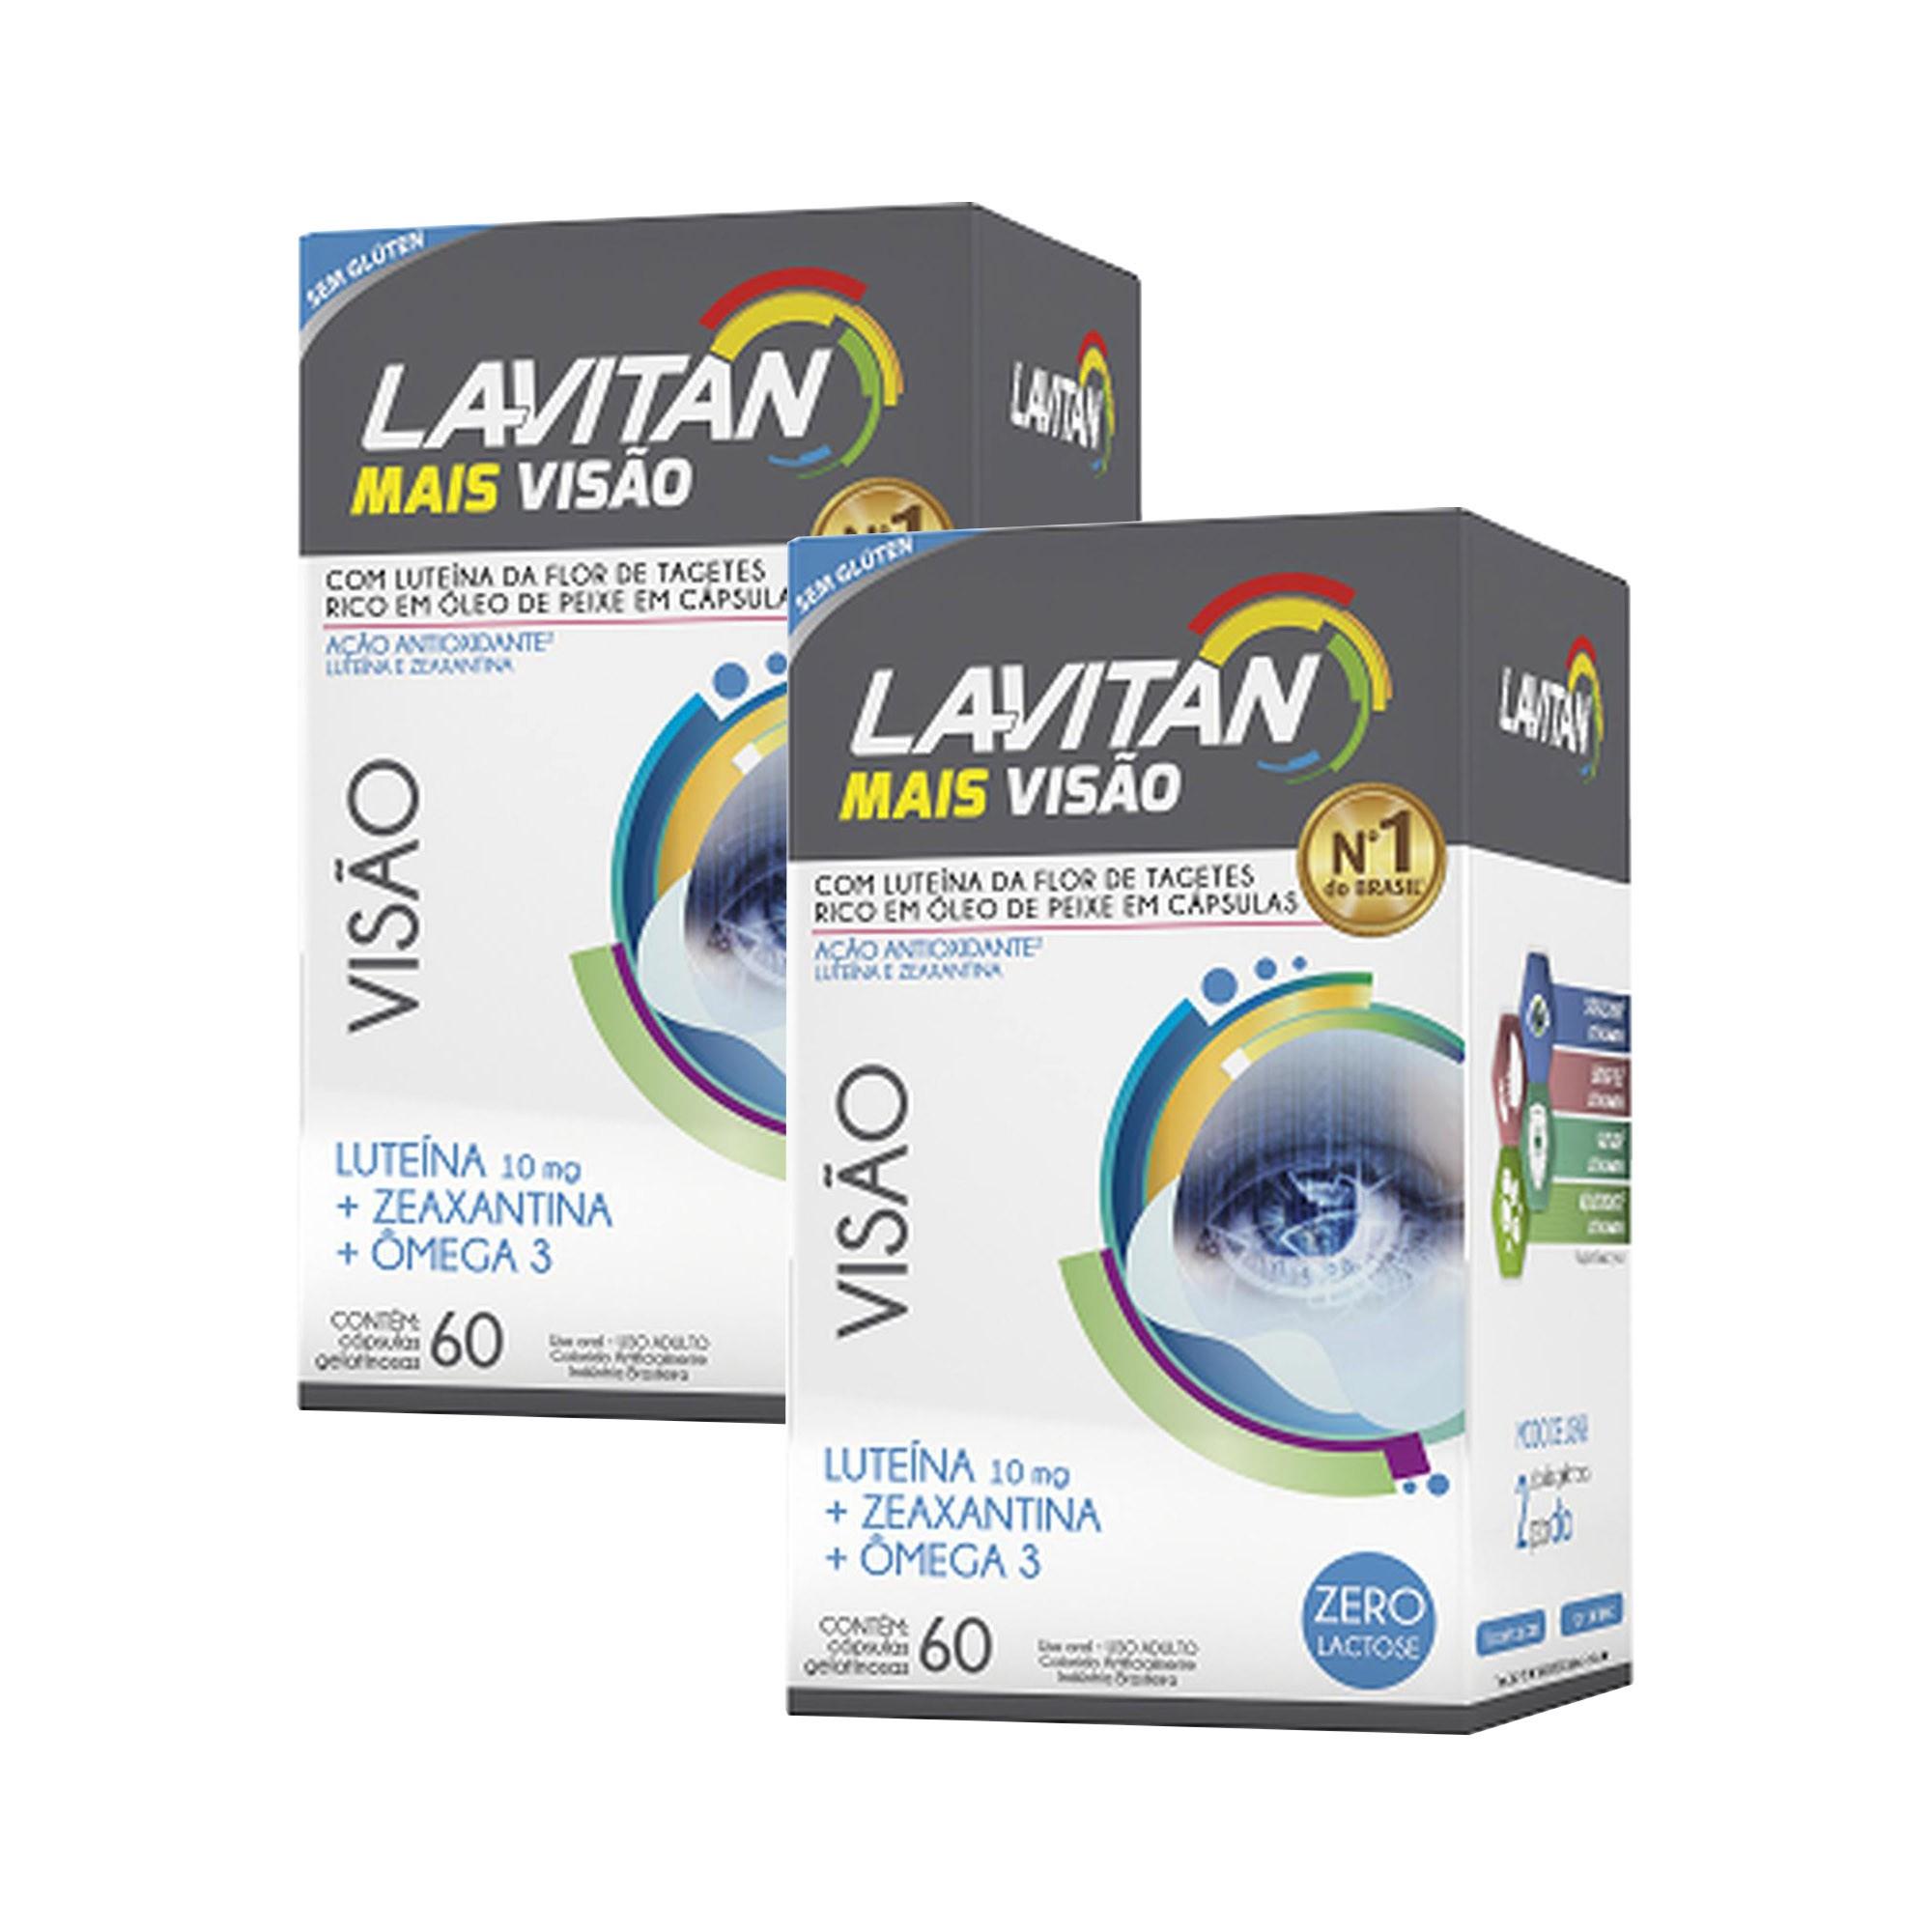 Kit C/ 2 Caixas Luteína + Zeaxantina + Ômega 3 Lavitan Mais Visão - 60 Cápsulas